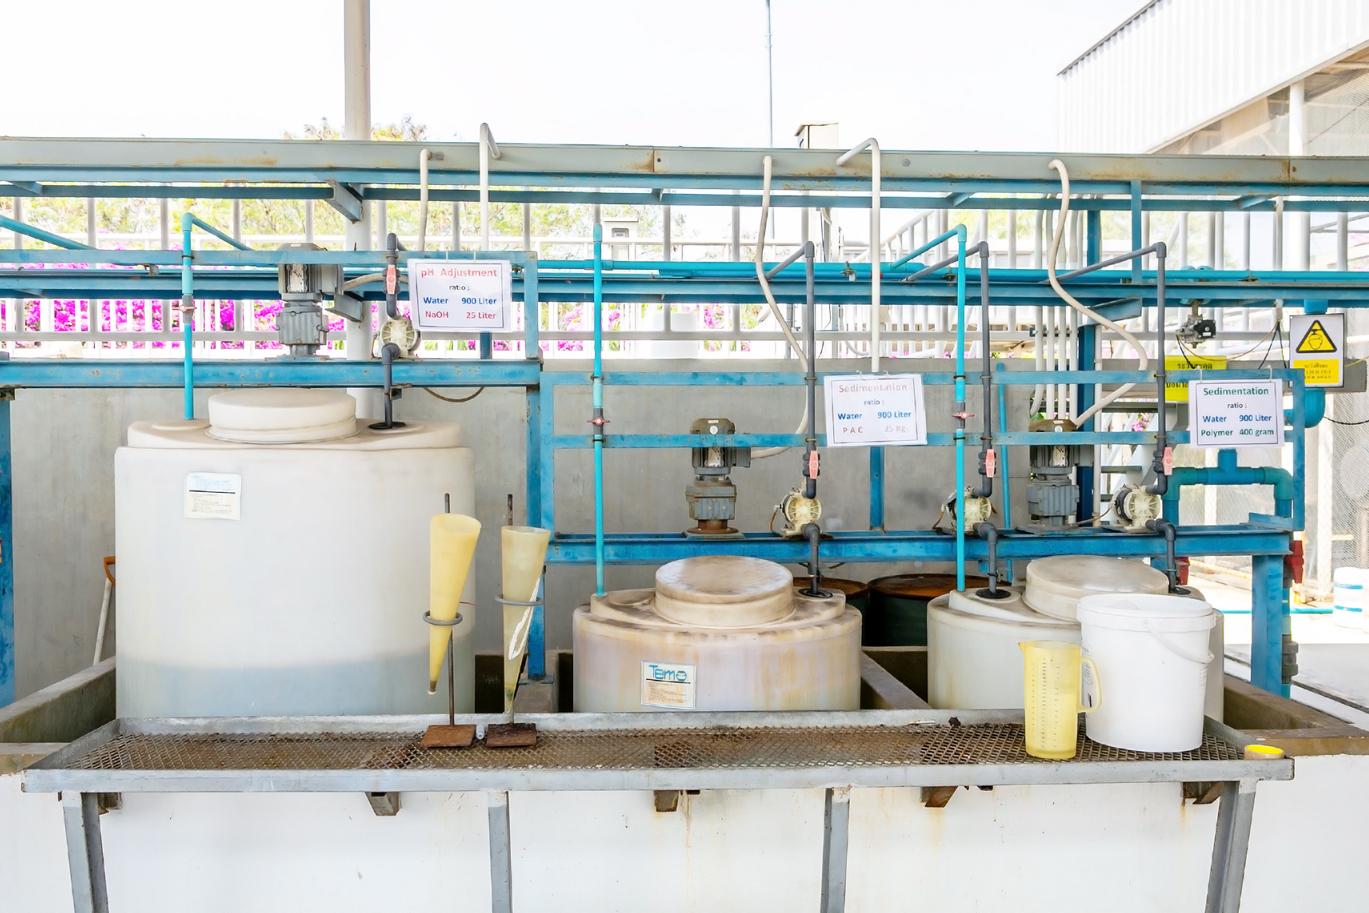 ทำการปรับค่ากรดด่าง (pH) หรือใช้สารเร่งการตกตะกอนให้กับน้ำเสียเพื่อทำให้อนุภาคต่าง ๆ จับตัวกัน การทำเช่นนี้จะสามารถทำให้สิ่งปฏิกูลในน้ำเสียนั้นตกตะกอนได้